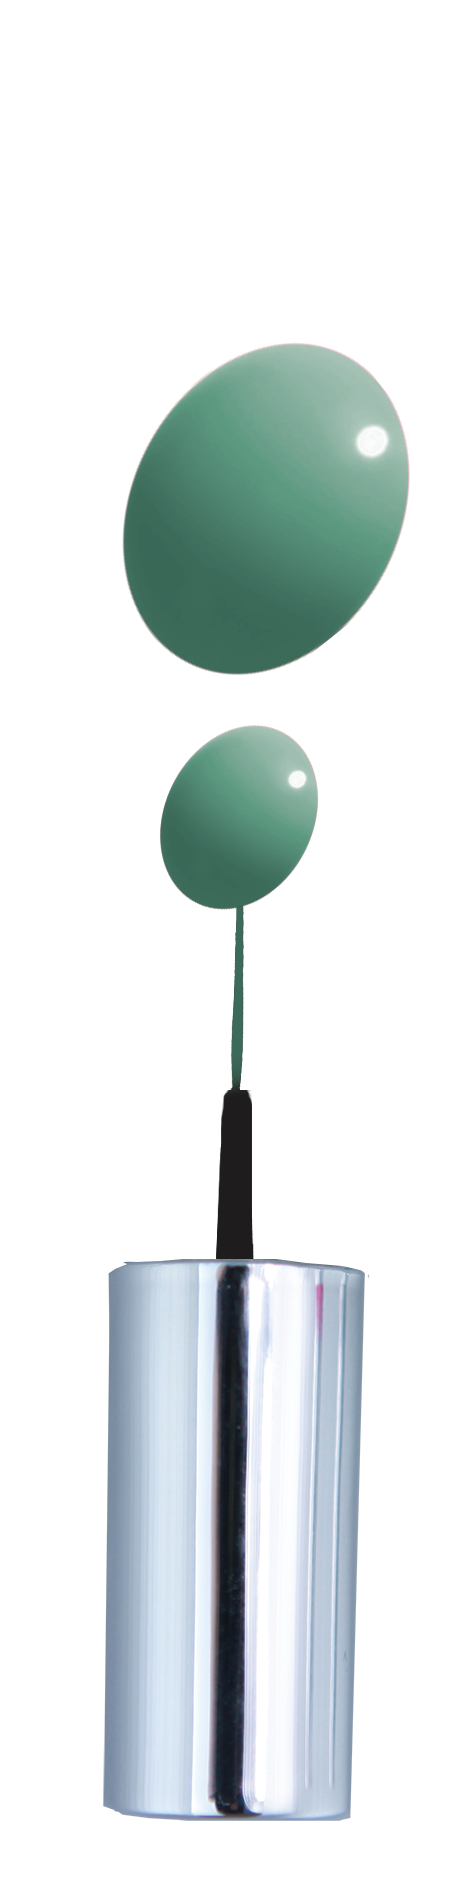 Nailart Crystalac - Díszítő tűecsetes Crystalac - 6